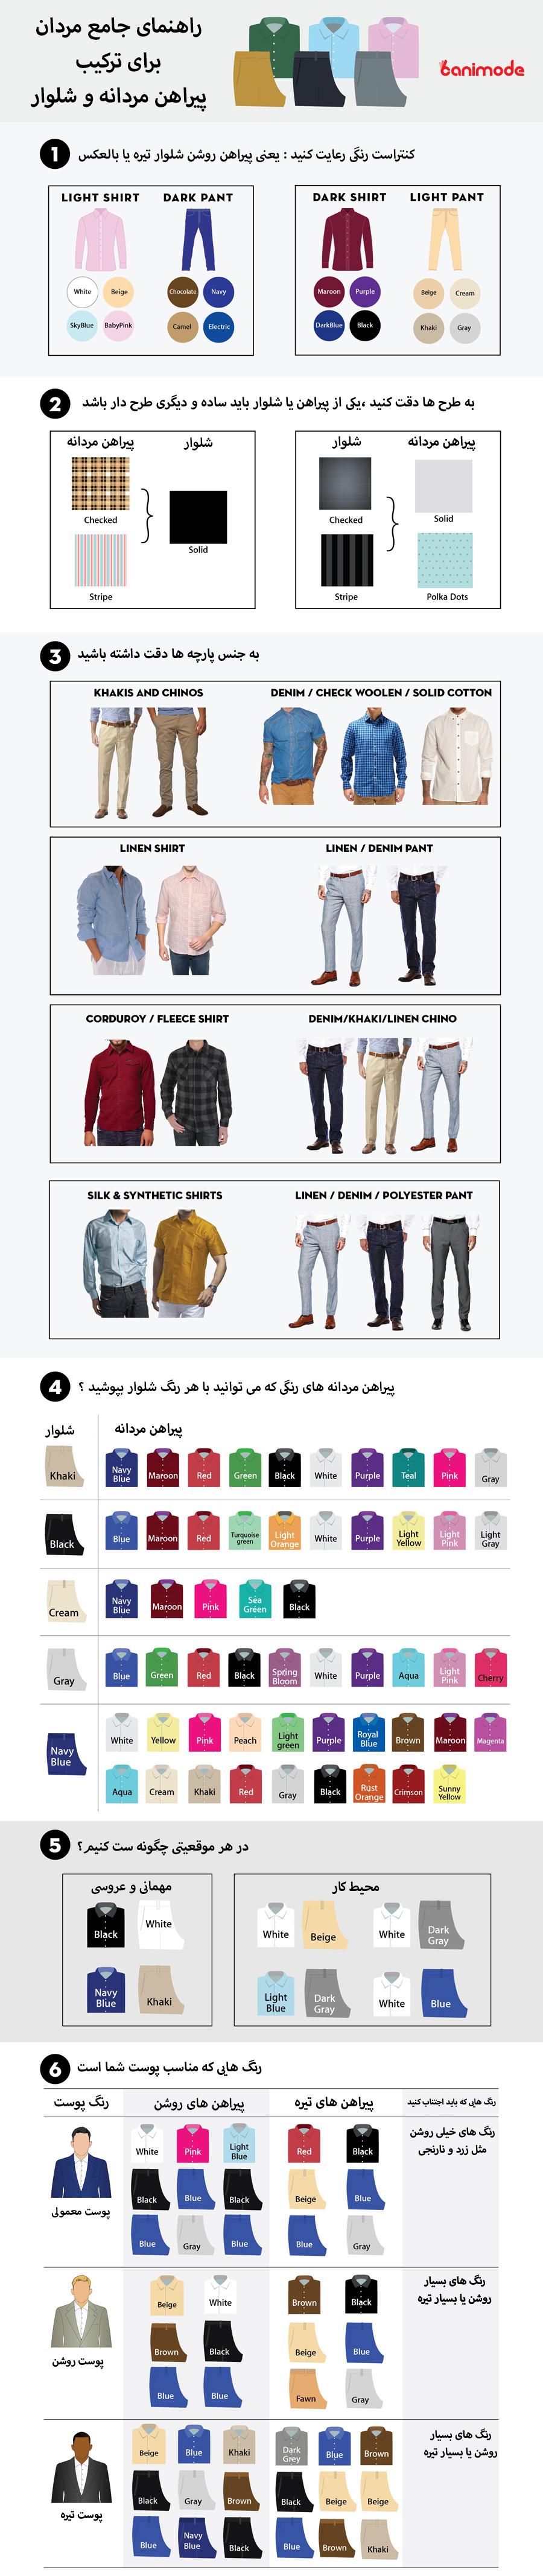 راهنمای ست کردن پیراهن مردانه و شلوار